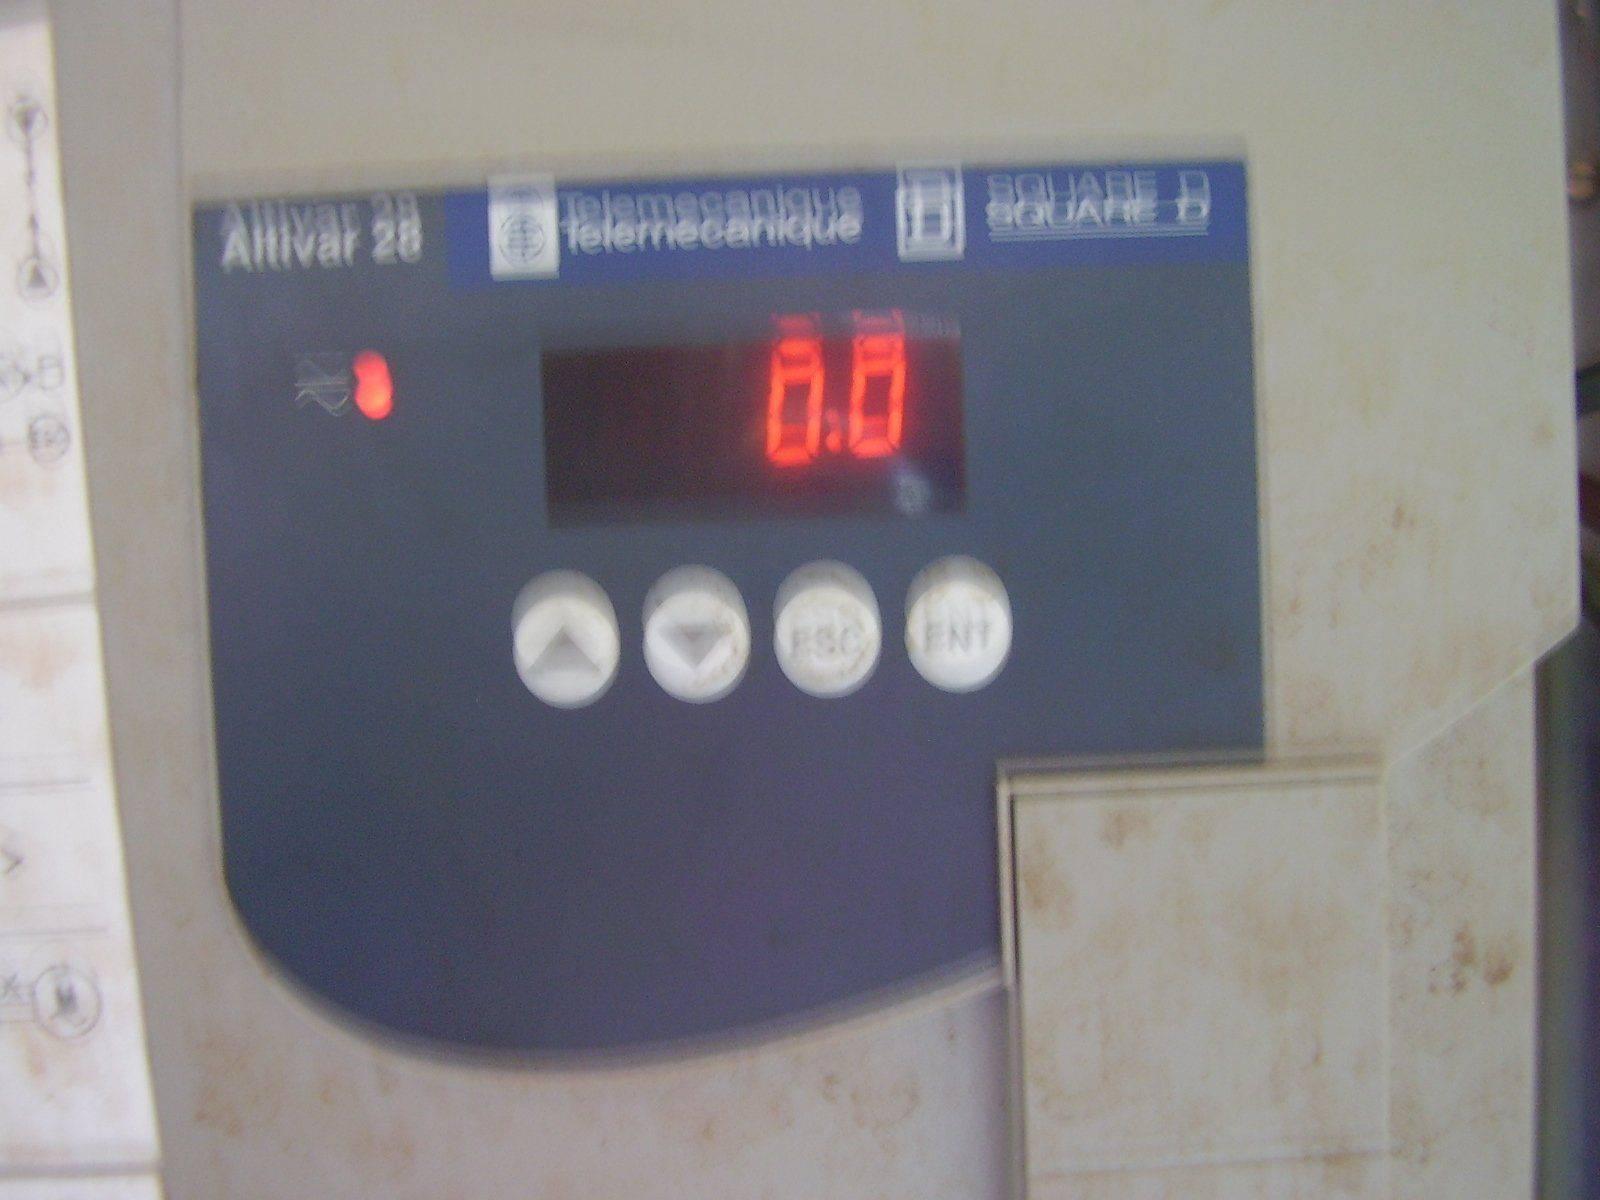 AT13.JPG